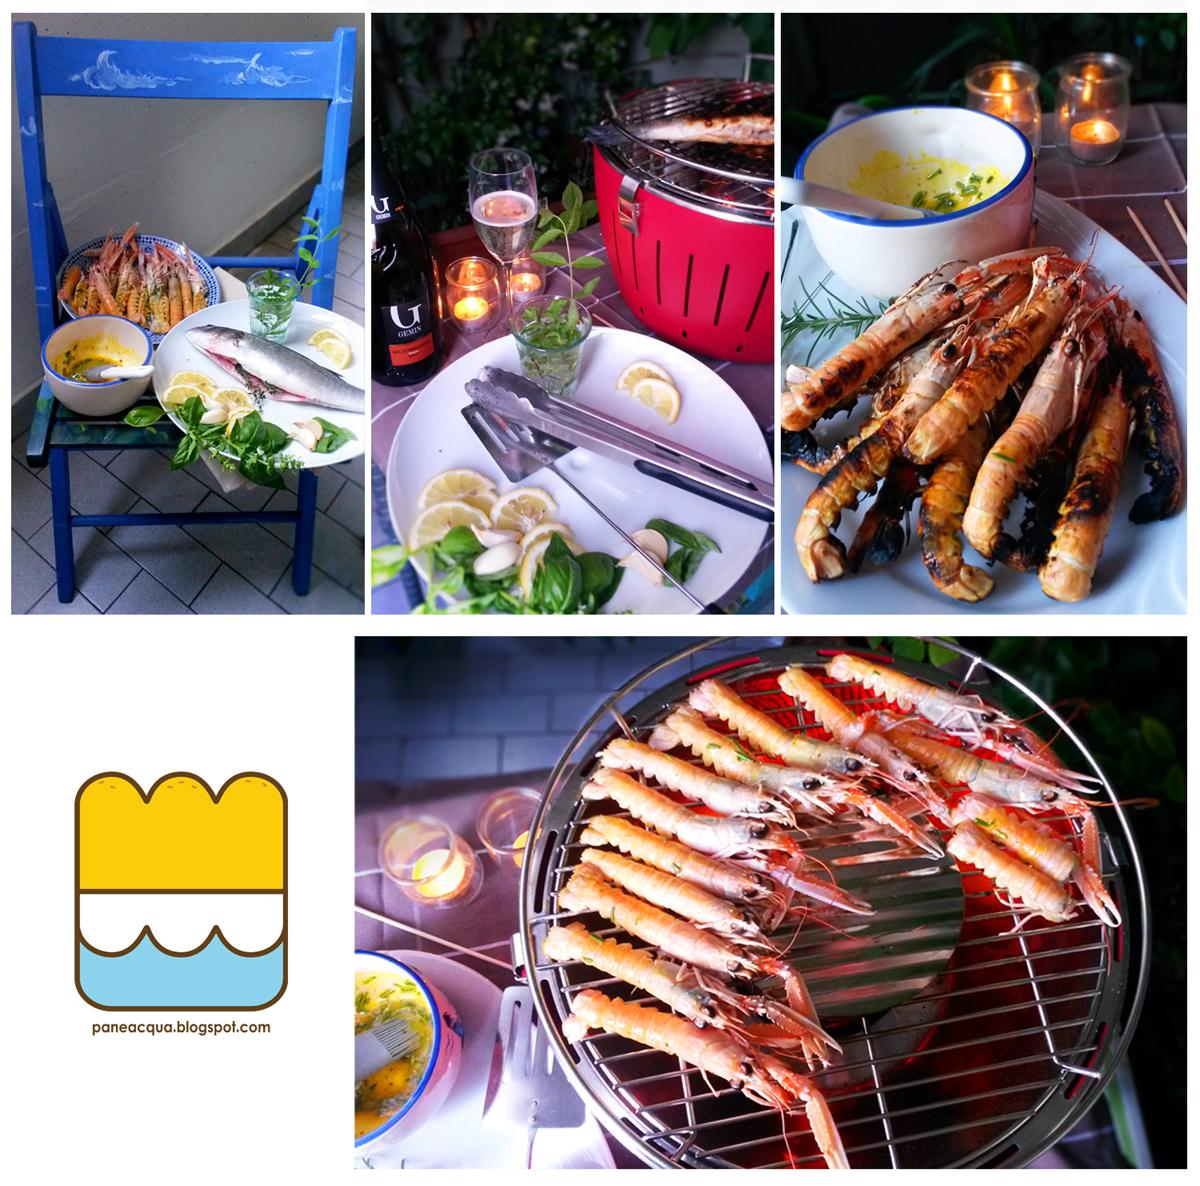 profumi d'estate con una griglia di pesce,  tramezzini e torta di ciliege e papaya